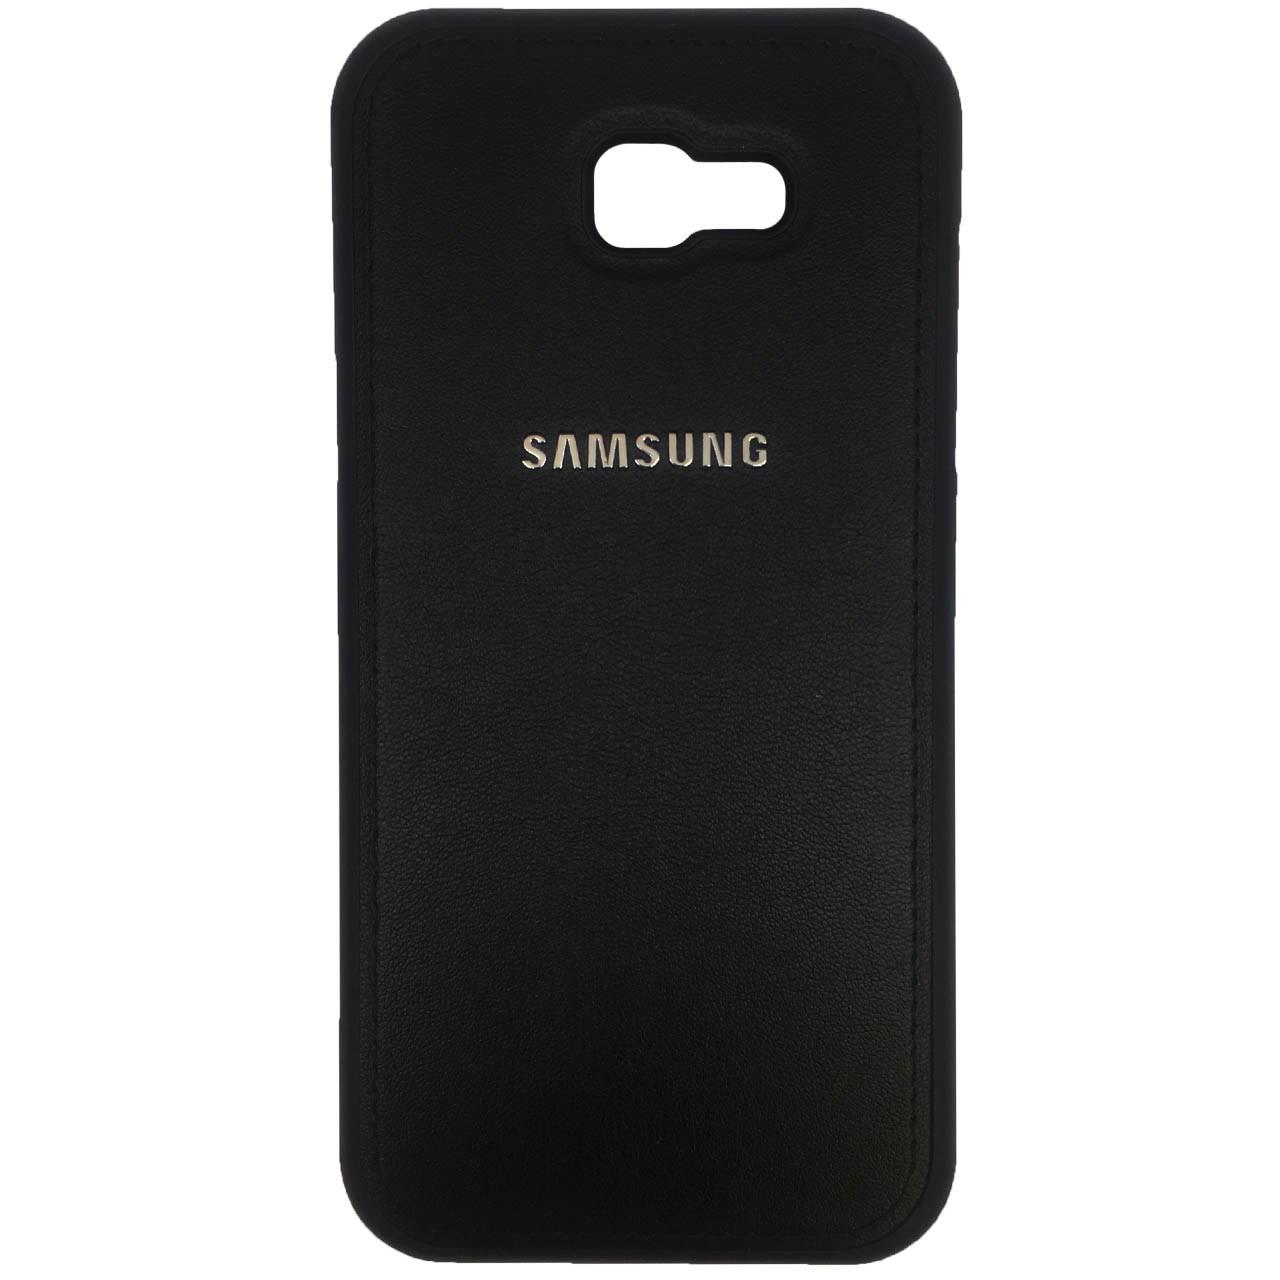 کاور ژله ای طرح چرم مدل مناسب برای گوشی موبایل سامسونگ Galaxy A7 2017/A720              ( قیمت و خرید)